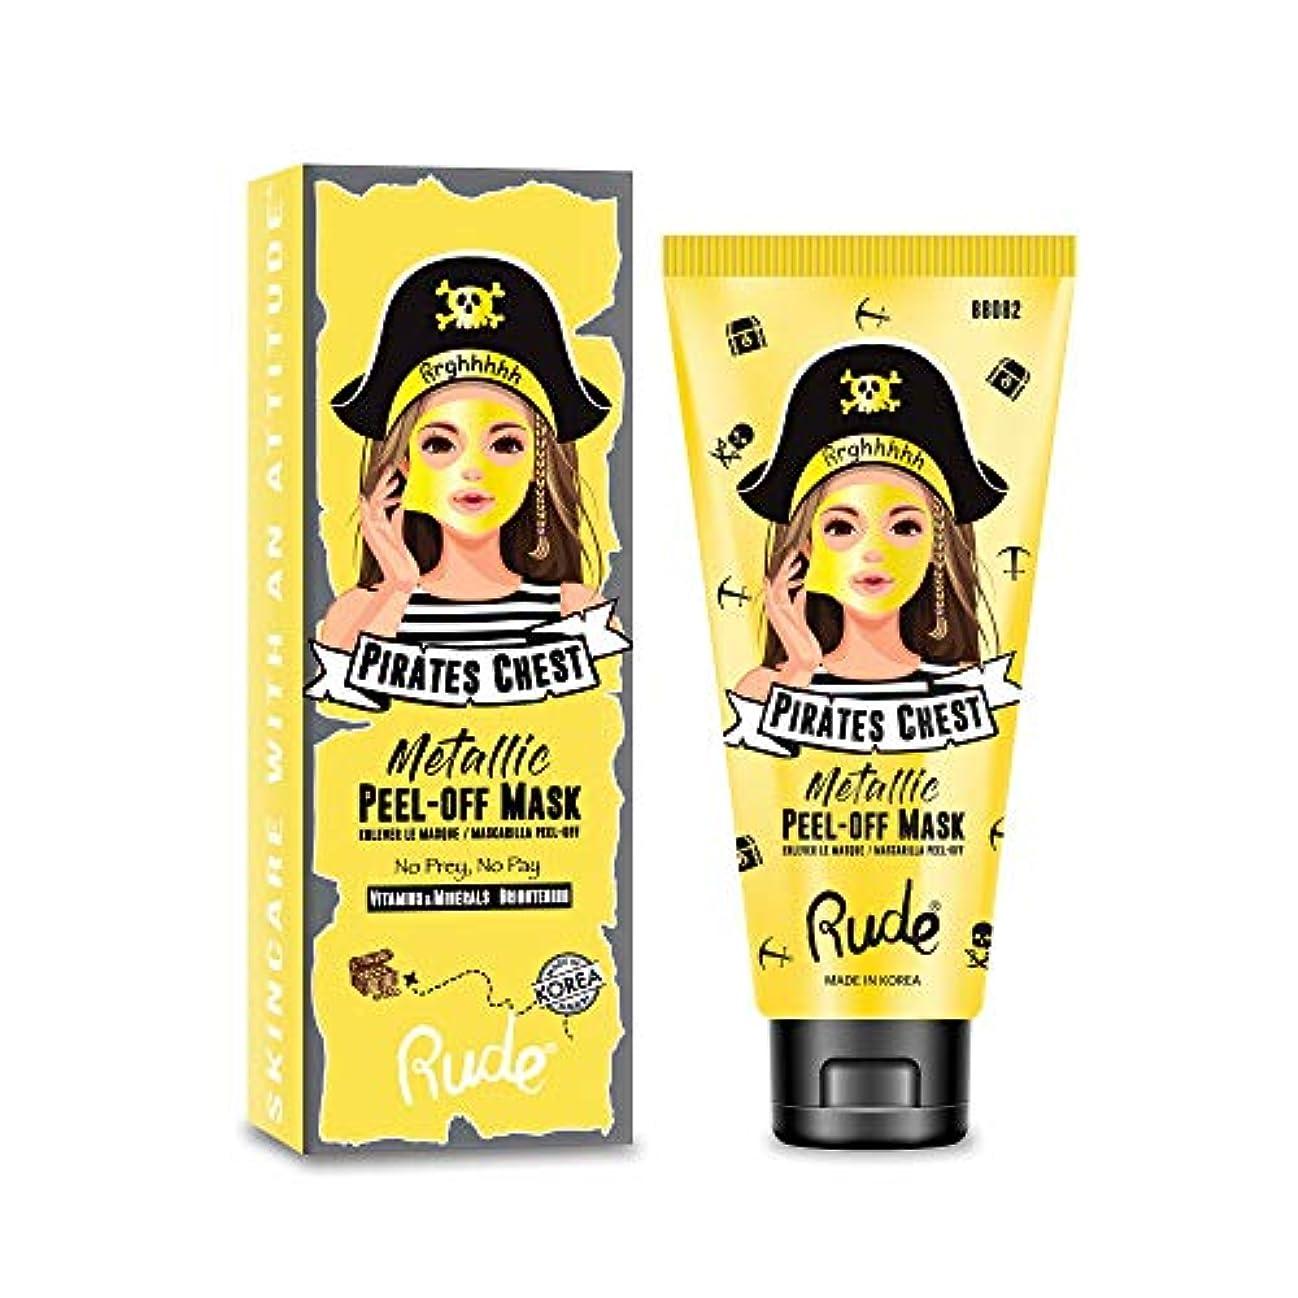 ベギン再編成する成熟(6 Pack) RUDE Pirate's Chest Metallic Peel-off Mask - No Prey, No Pay (並行輸入品)